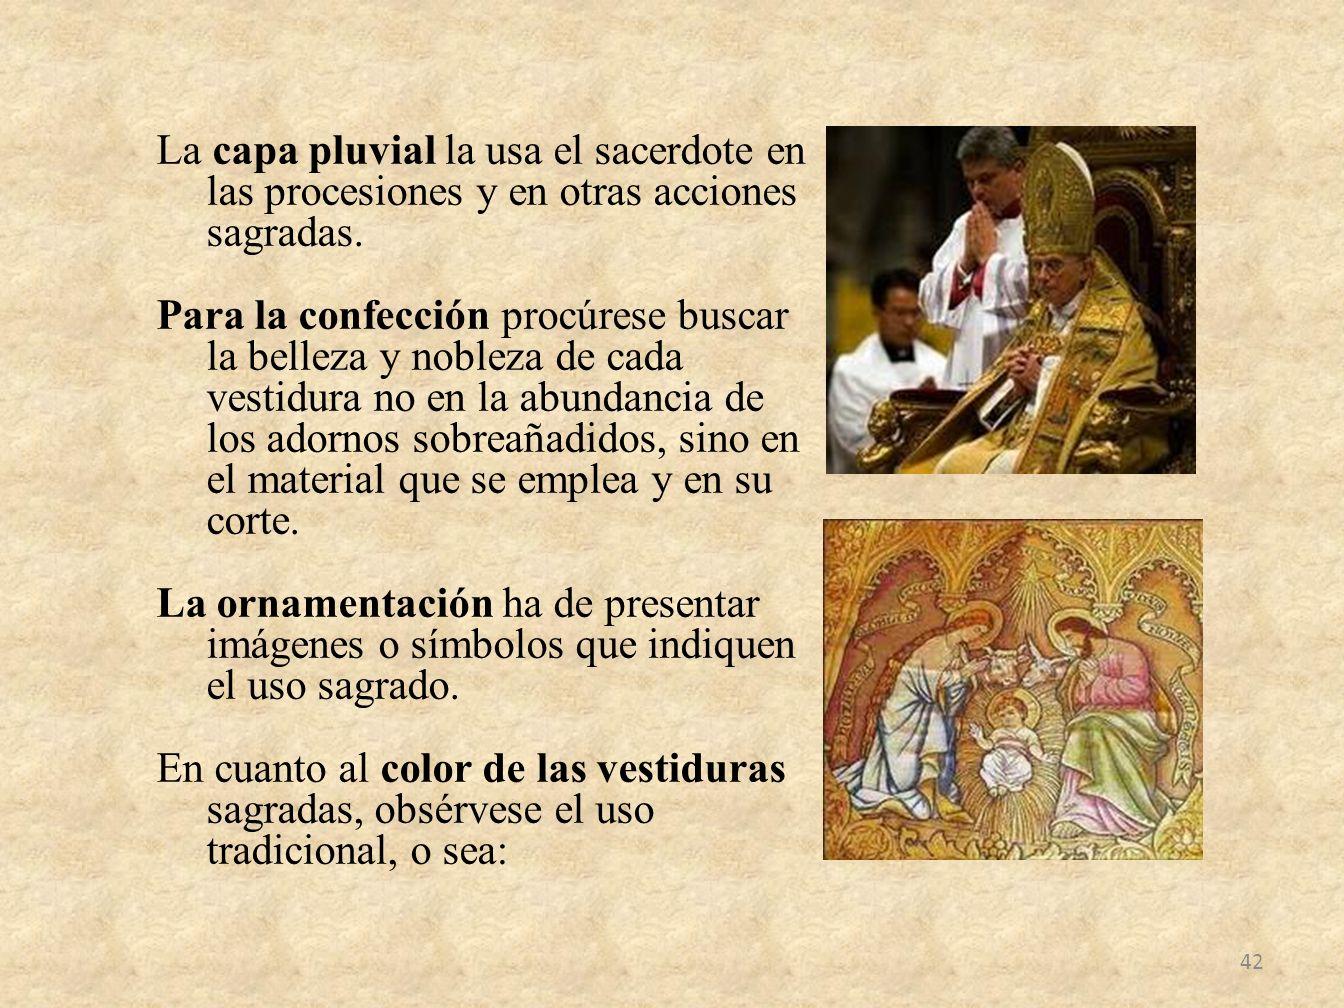 La capa pluvial la usa el sacerdote en las procesiones y en otras acciones sagradas.